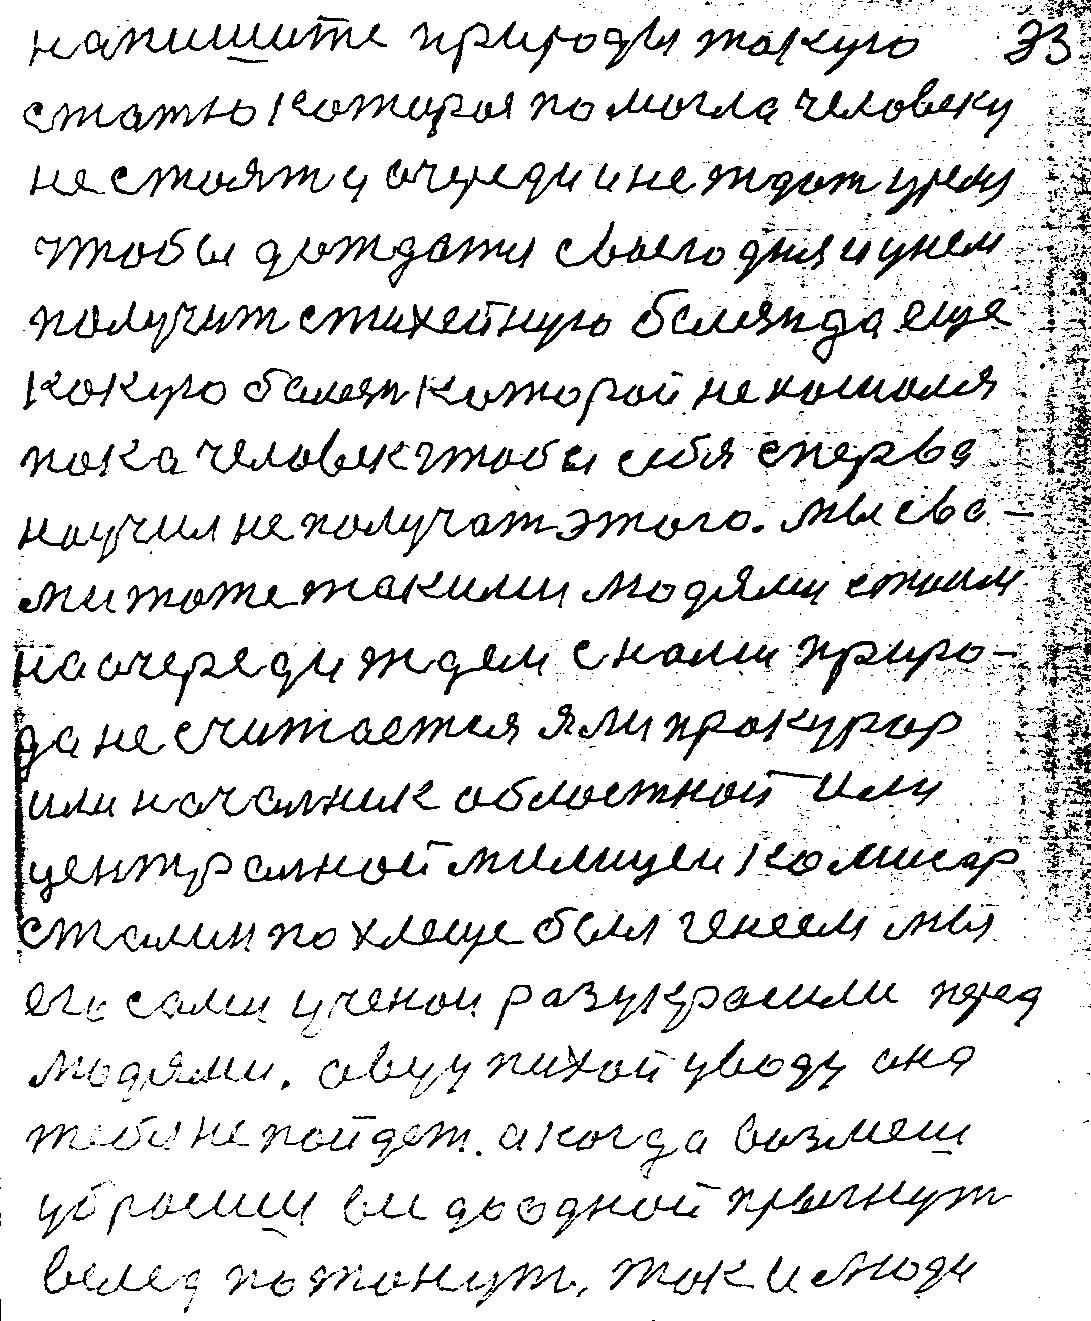 Str033.jpg